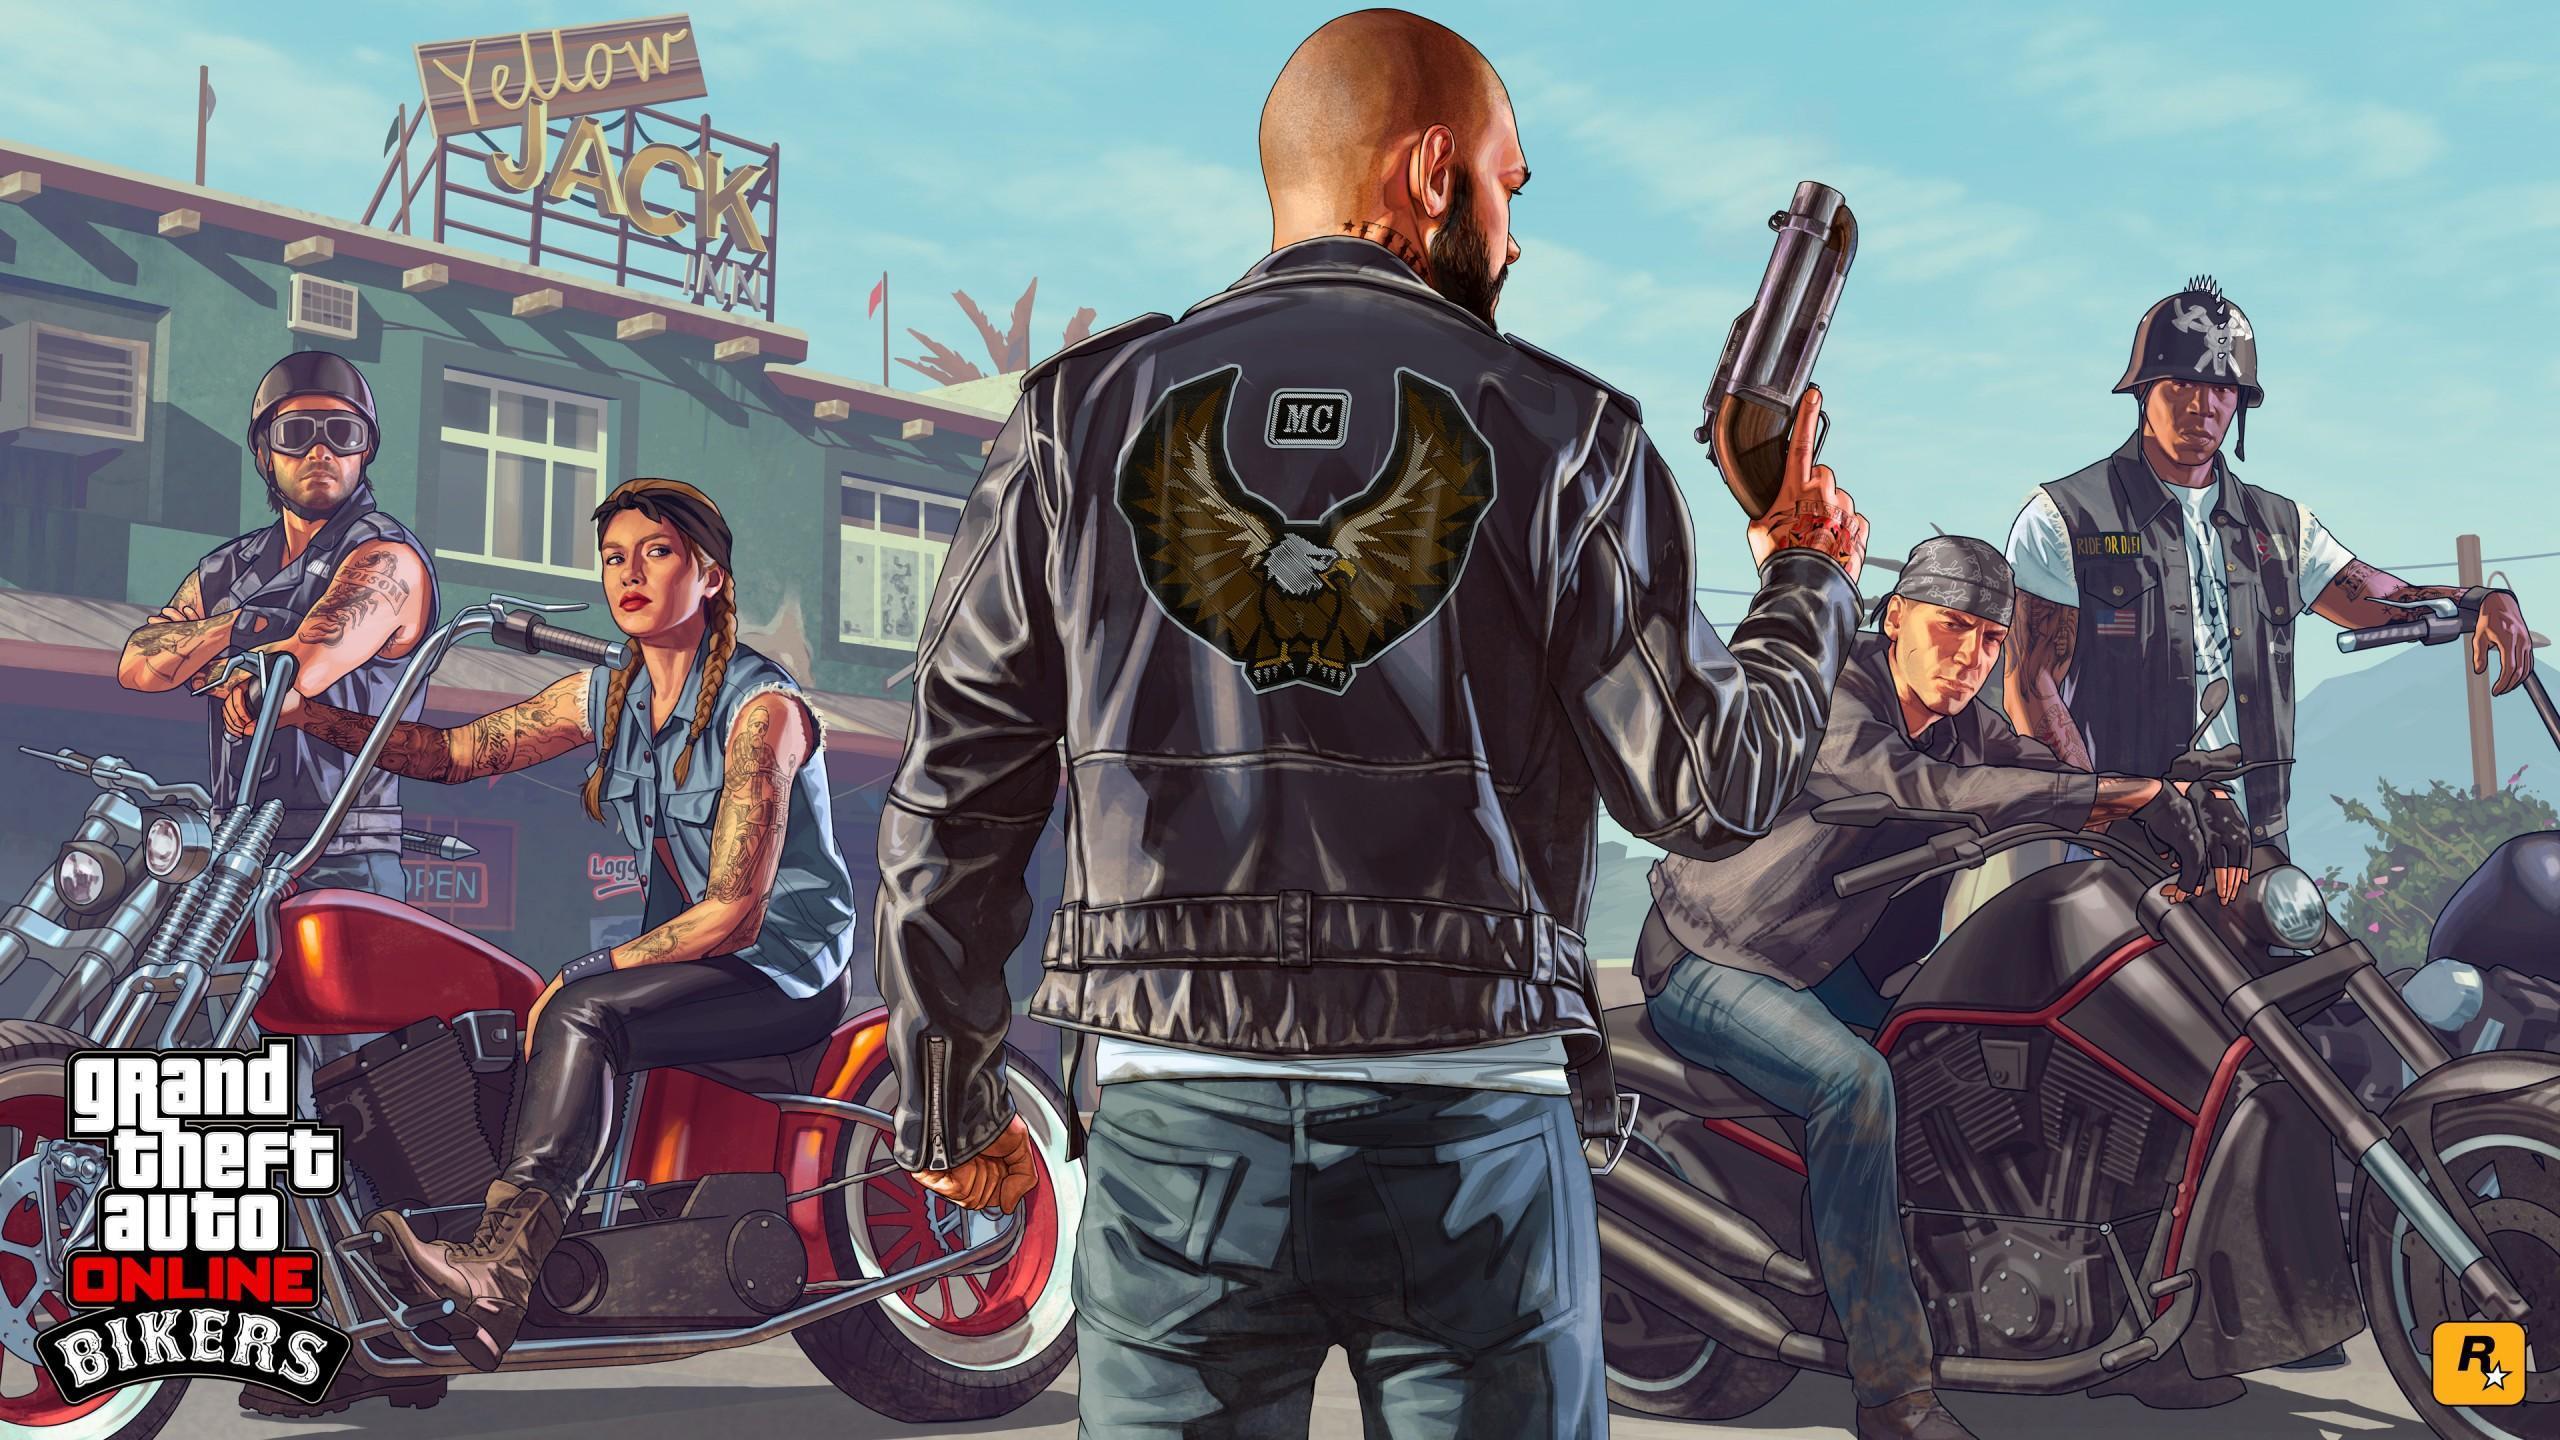 grand theft auto v artwork